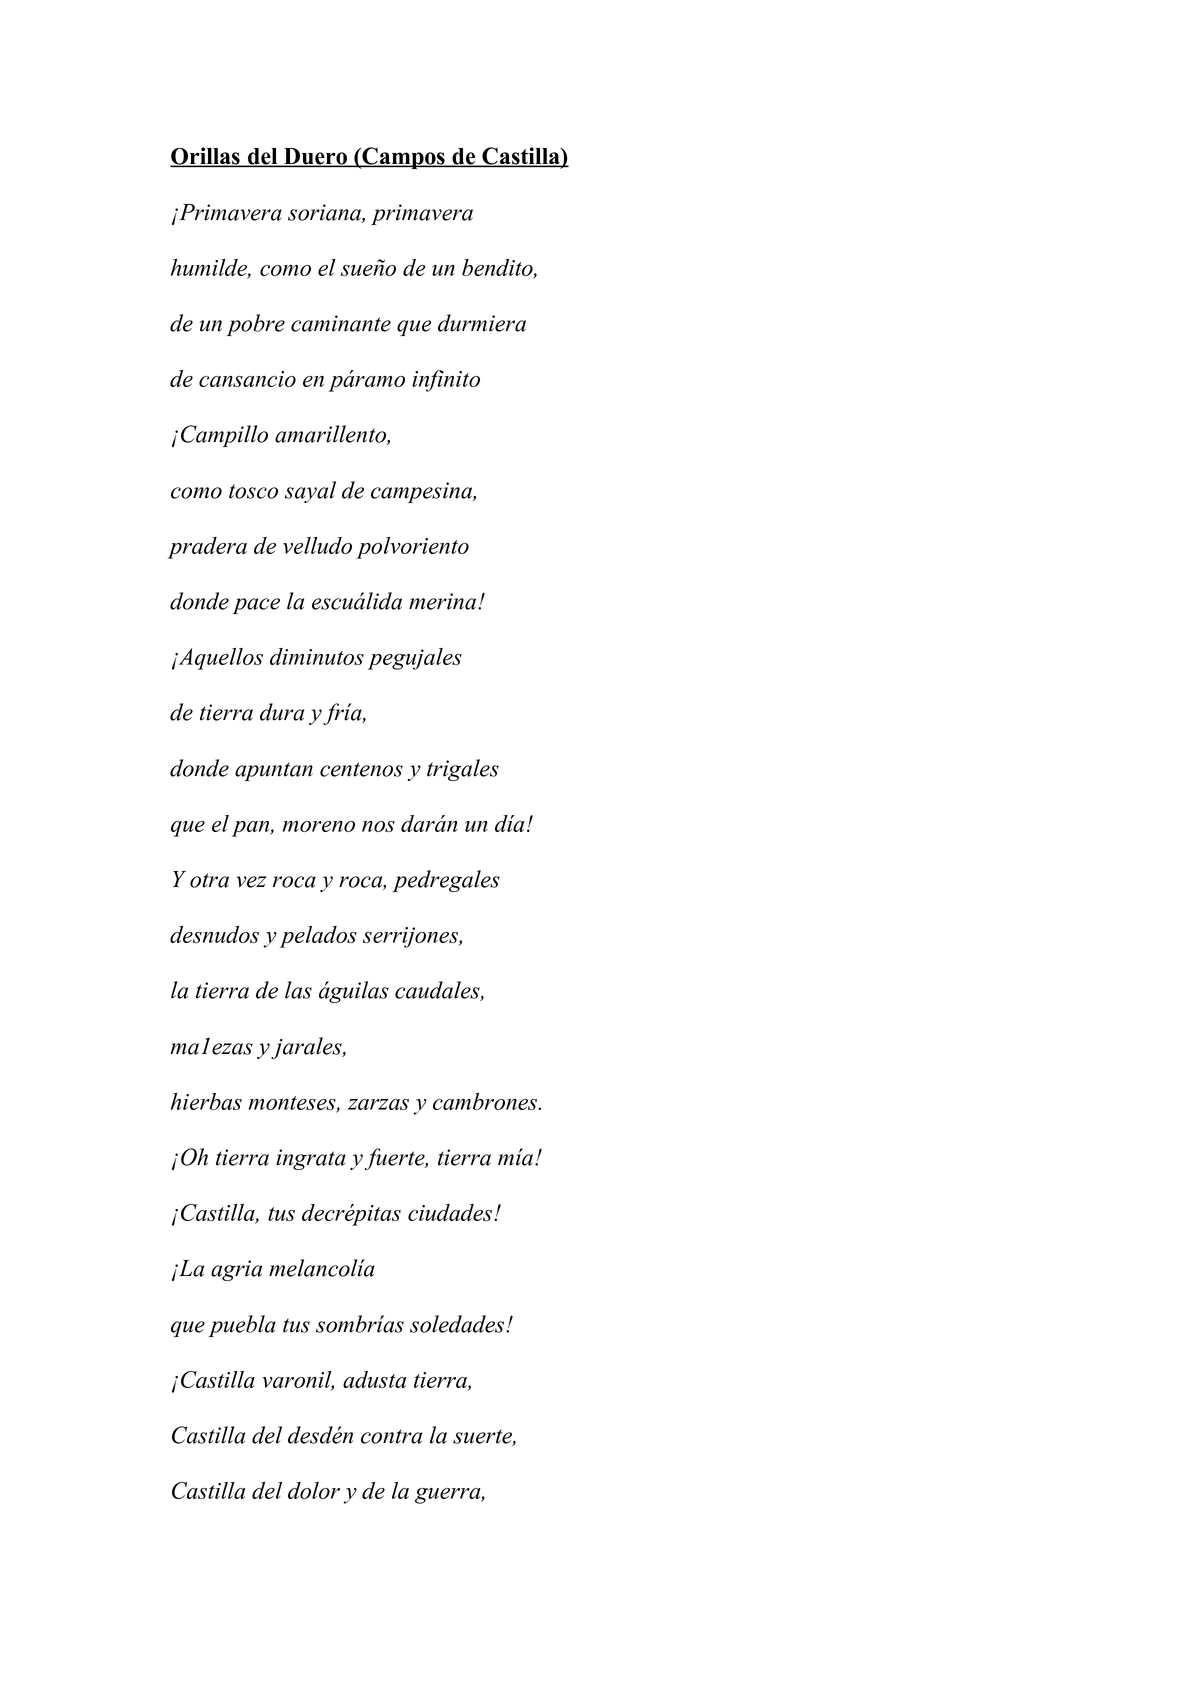 Calaméo Poemas De Antonio Machado Explicados Y Con Imágenes